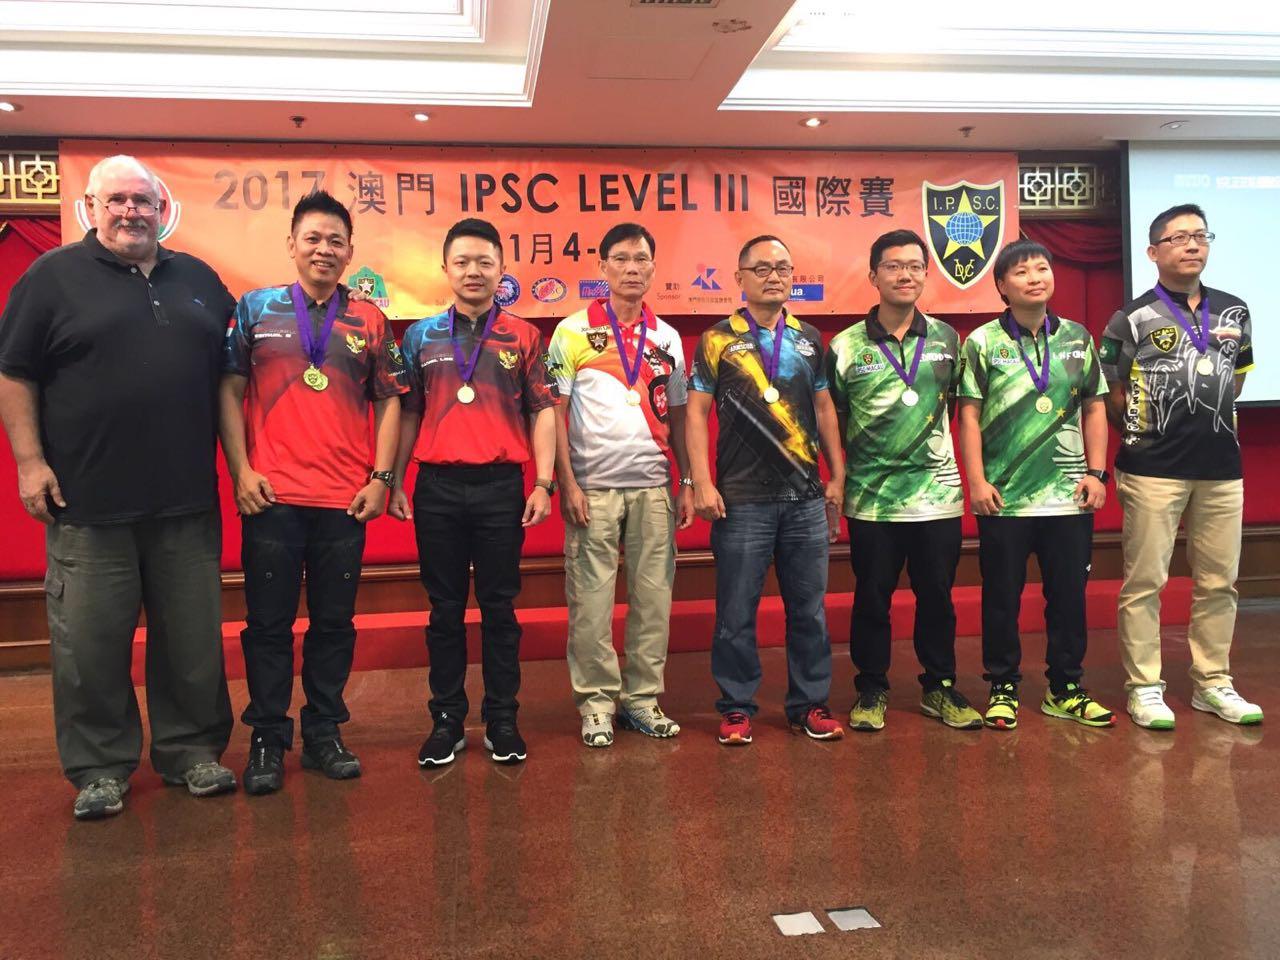 Macau Open 2017